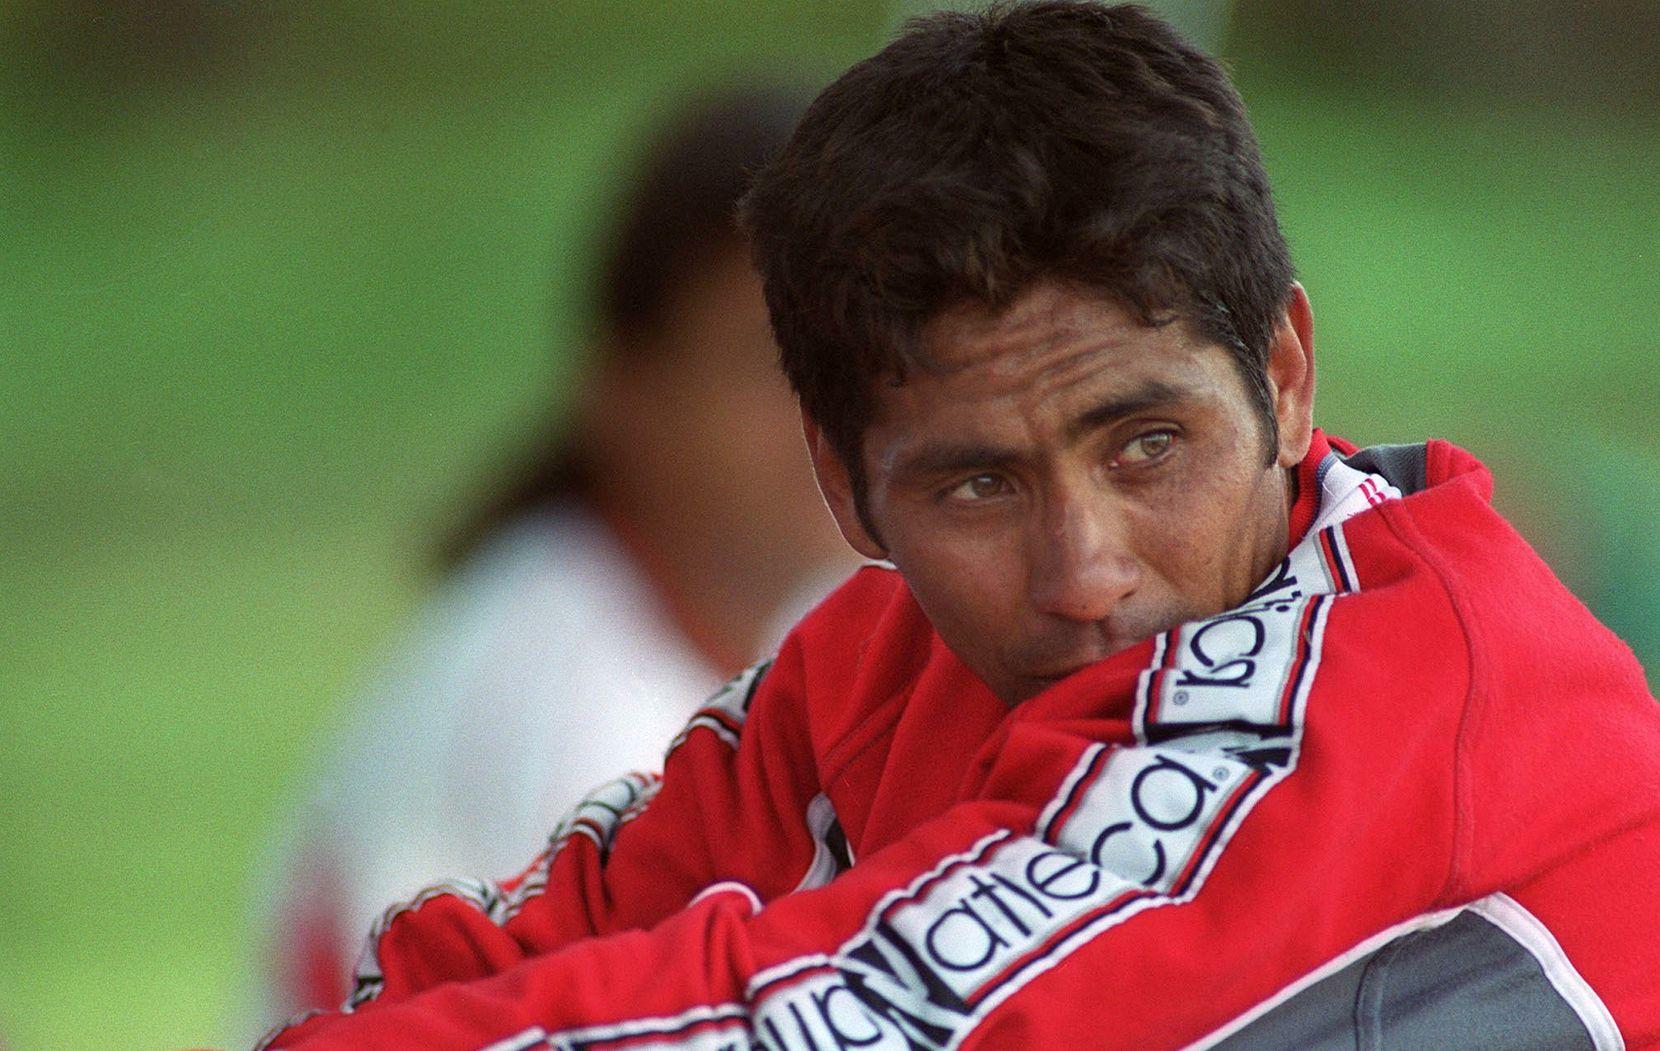 Jorge Campos por el año 2000. (Foto de TERESITA CHAVARRIA/AFP/Getty Images)